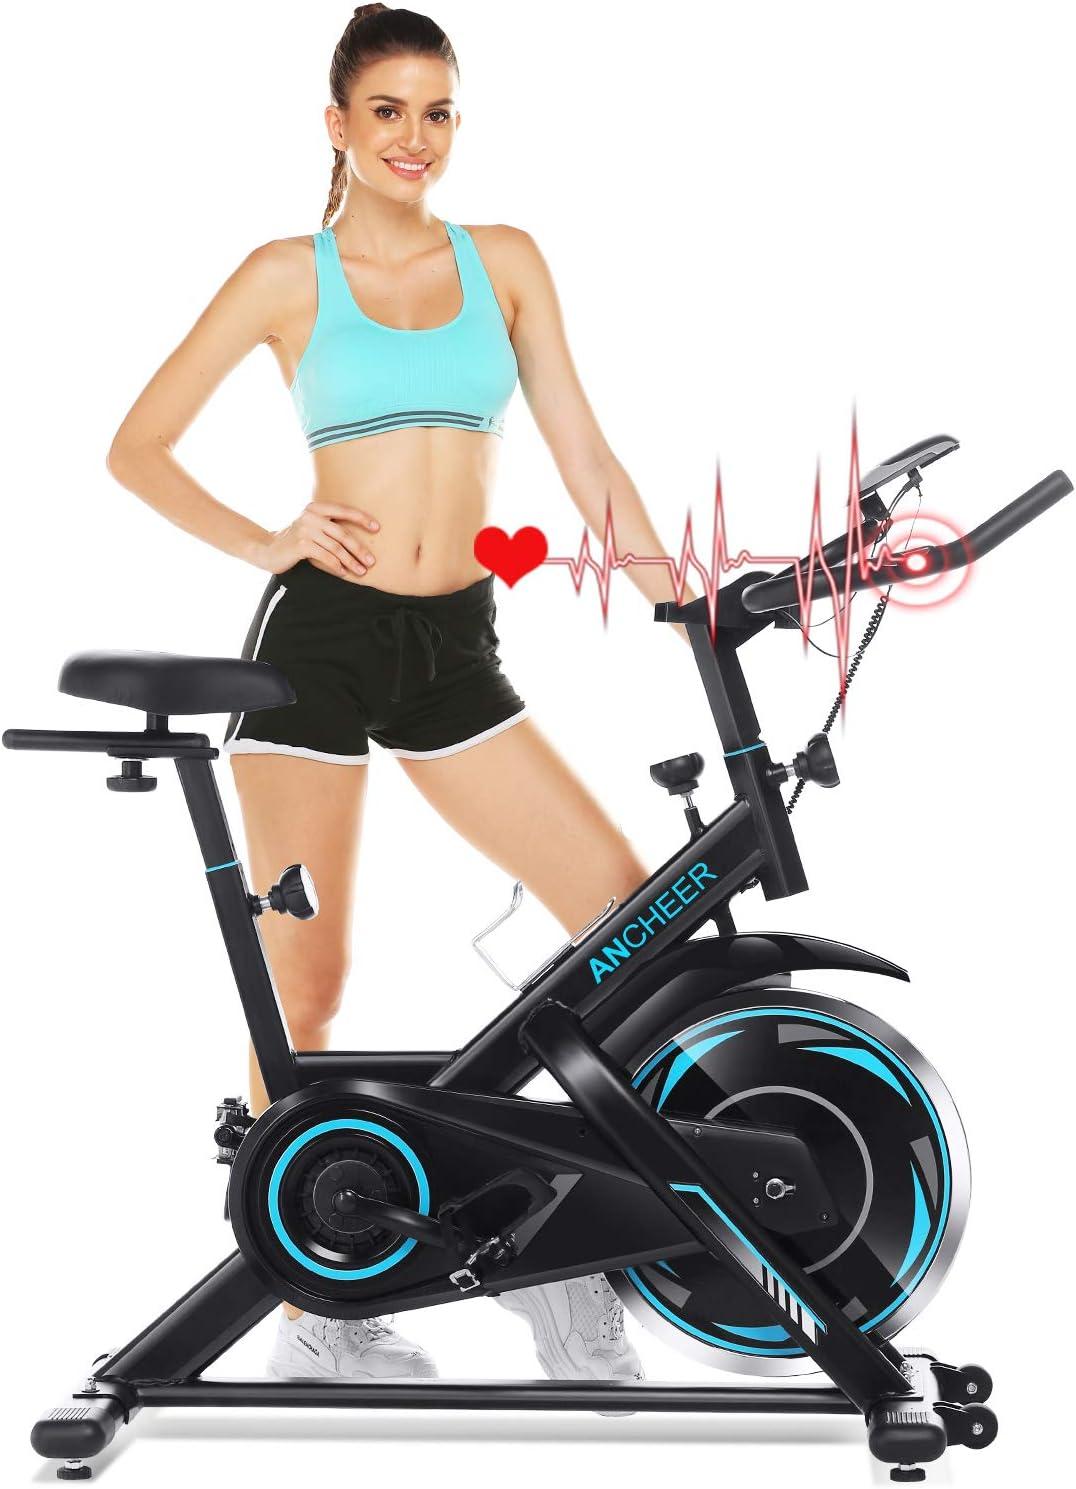 Ancheer Bicicleta de Spinning Bicicleta de Fitness de Volante de Inercia de 18kg Bicicletas de Ciclo Indoor App Conectable Resistencia Ajustable y Monitor LCD para Ejercicio en el Hogar